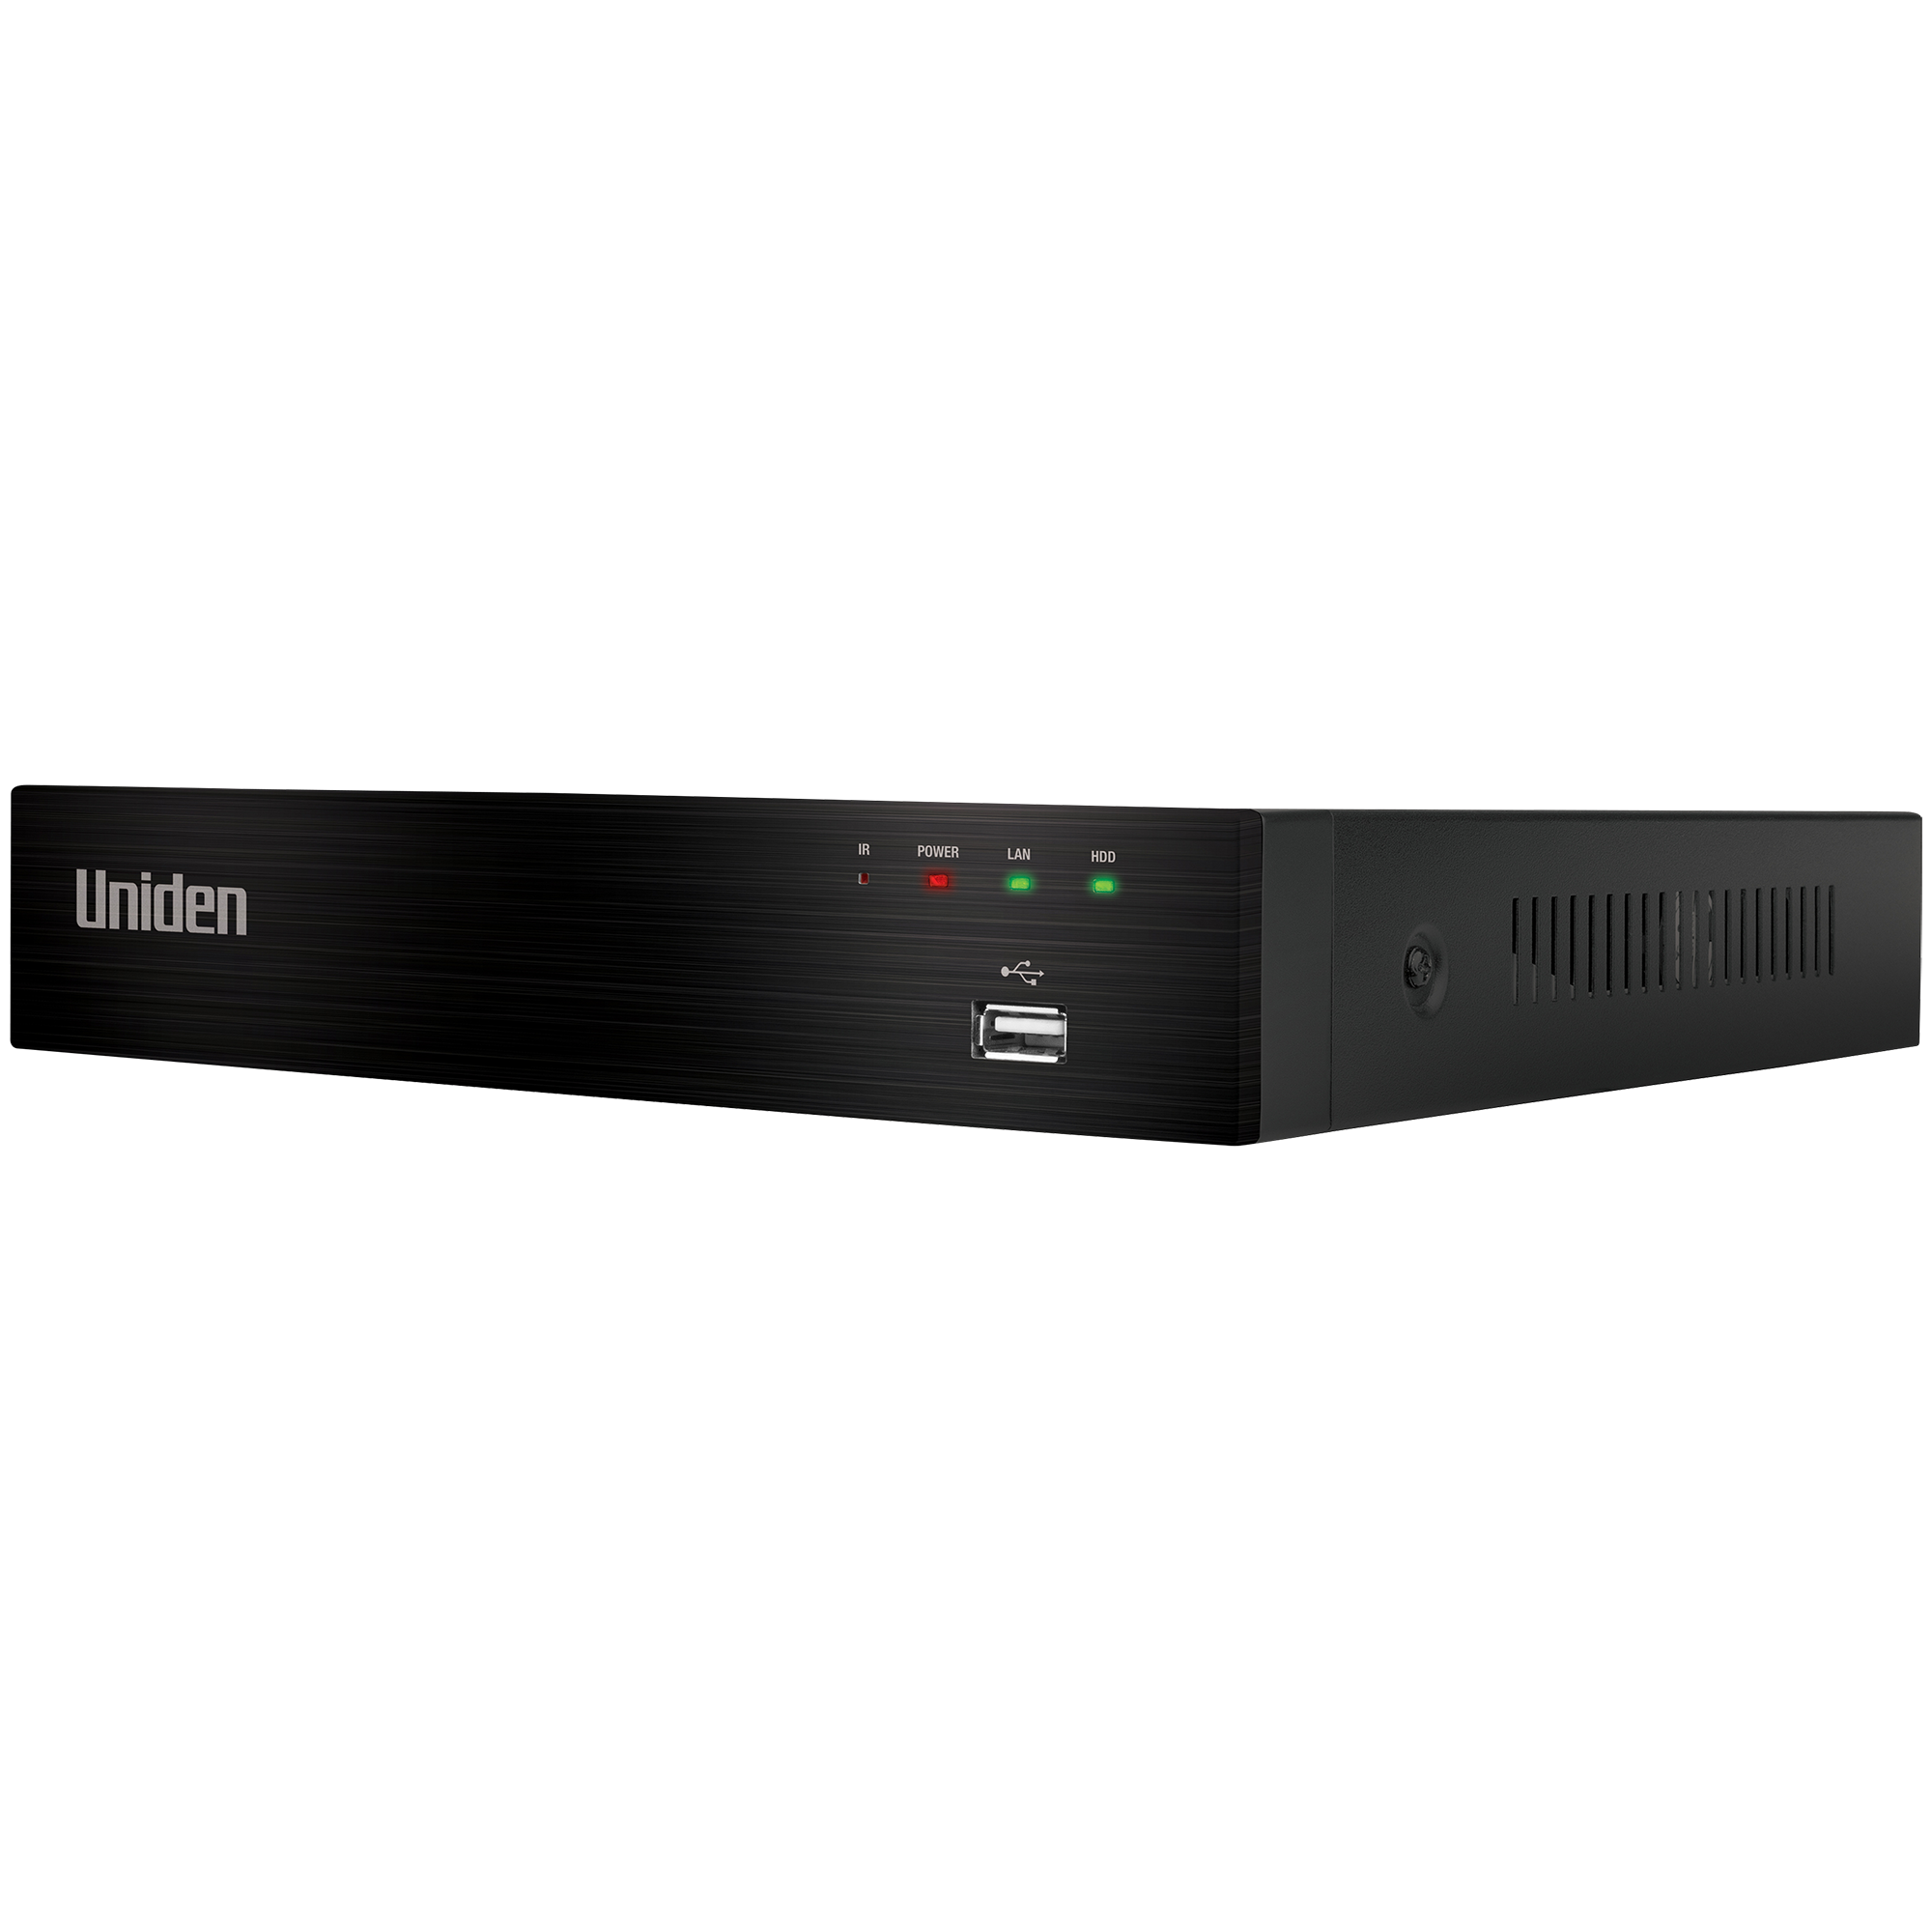 GDVR 20440 - Uniden